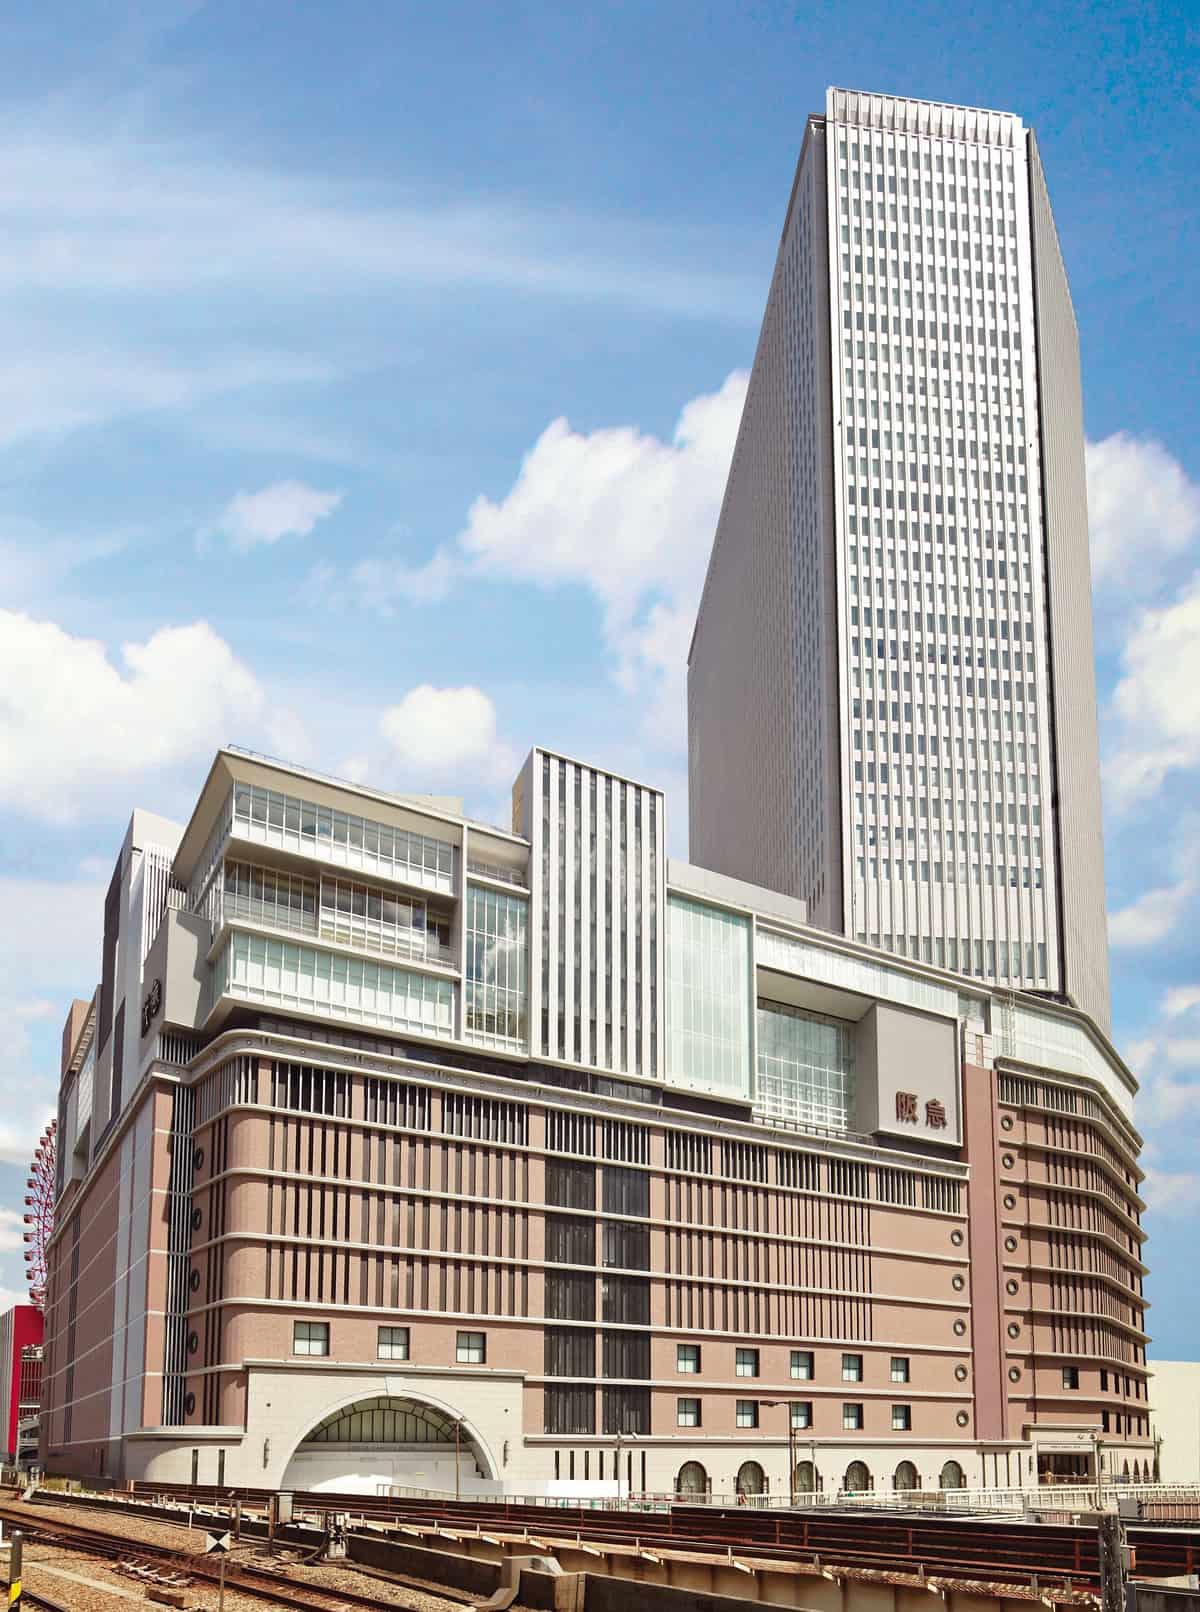 Hankyu Department Store Umeda